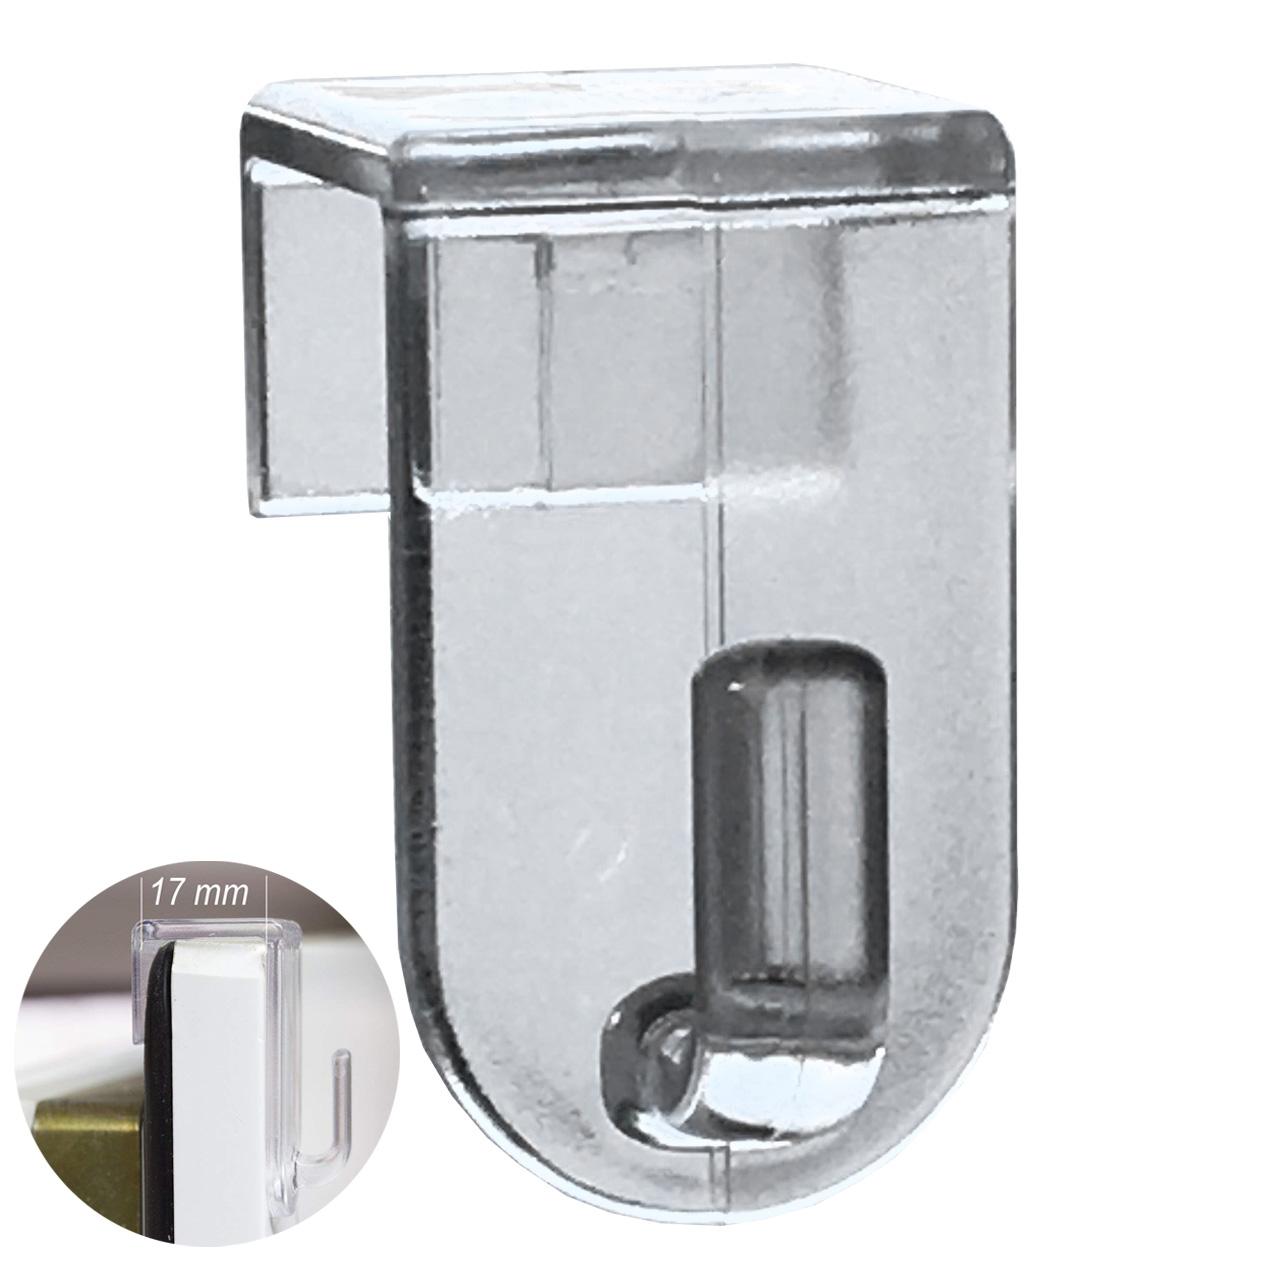 Fensterhaken, Dekohaken, transparent - 20er-Set, 35 x 20 mm - Für Fenster bis maximal 17mm Falzmaß geeignet